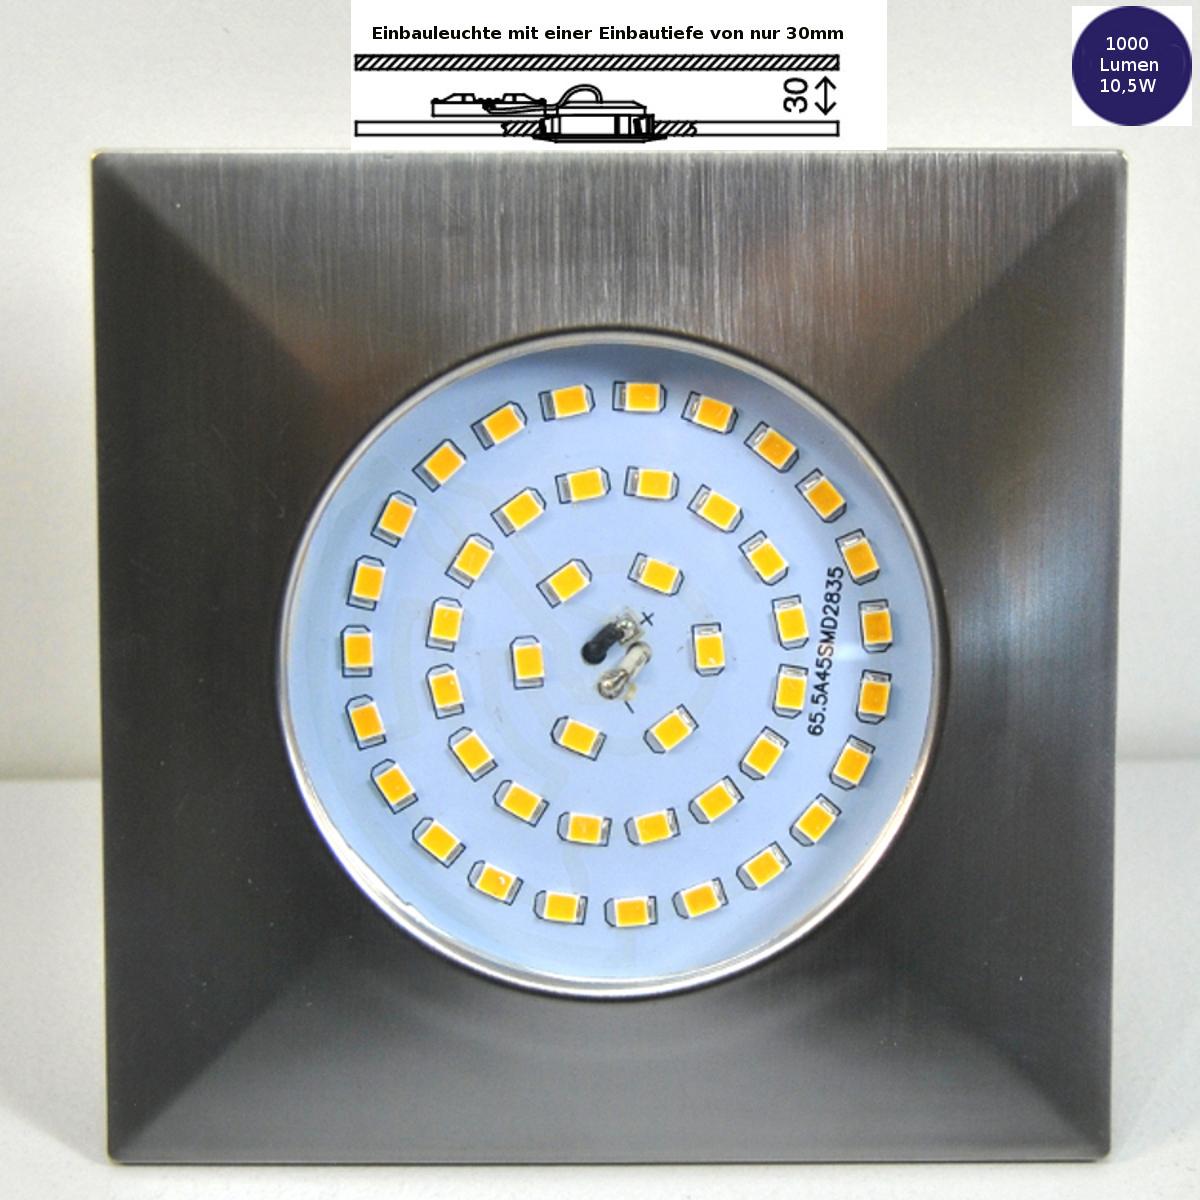 LED Einbauleuchte Darlux 61163555 10,5W 1000 Lumen EinbaustrahlerIP44